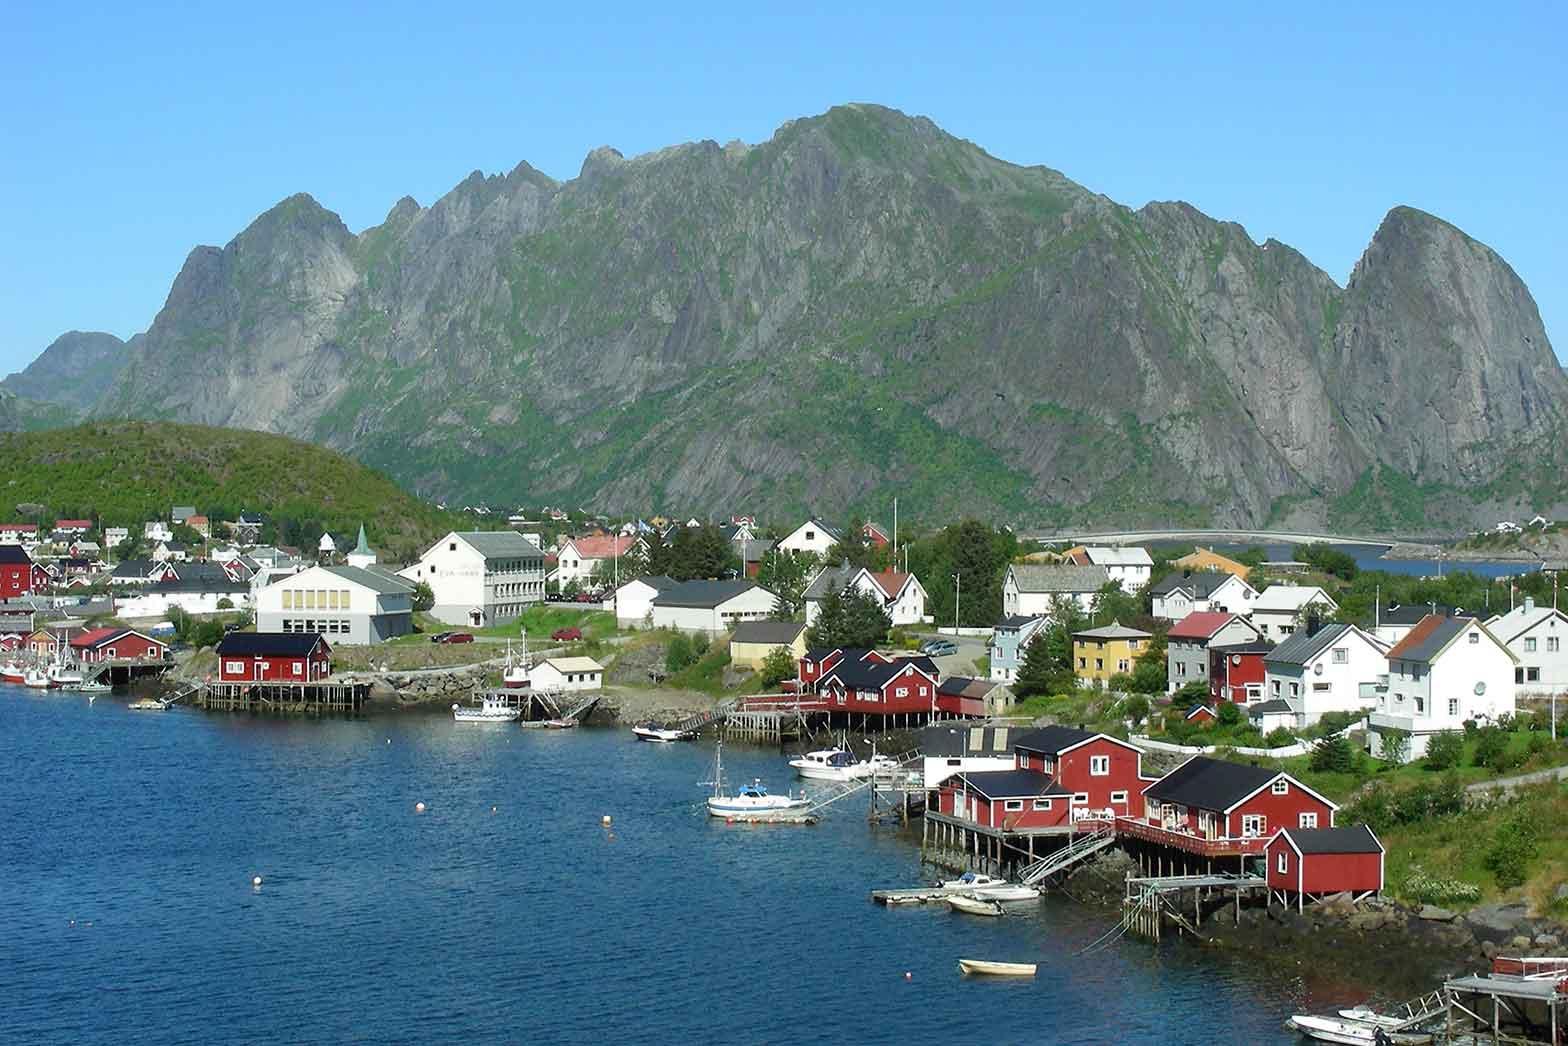 Solvaer, Norway